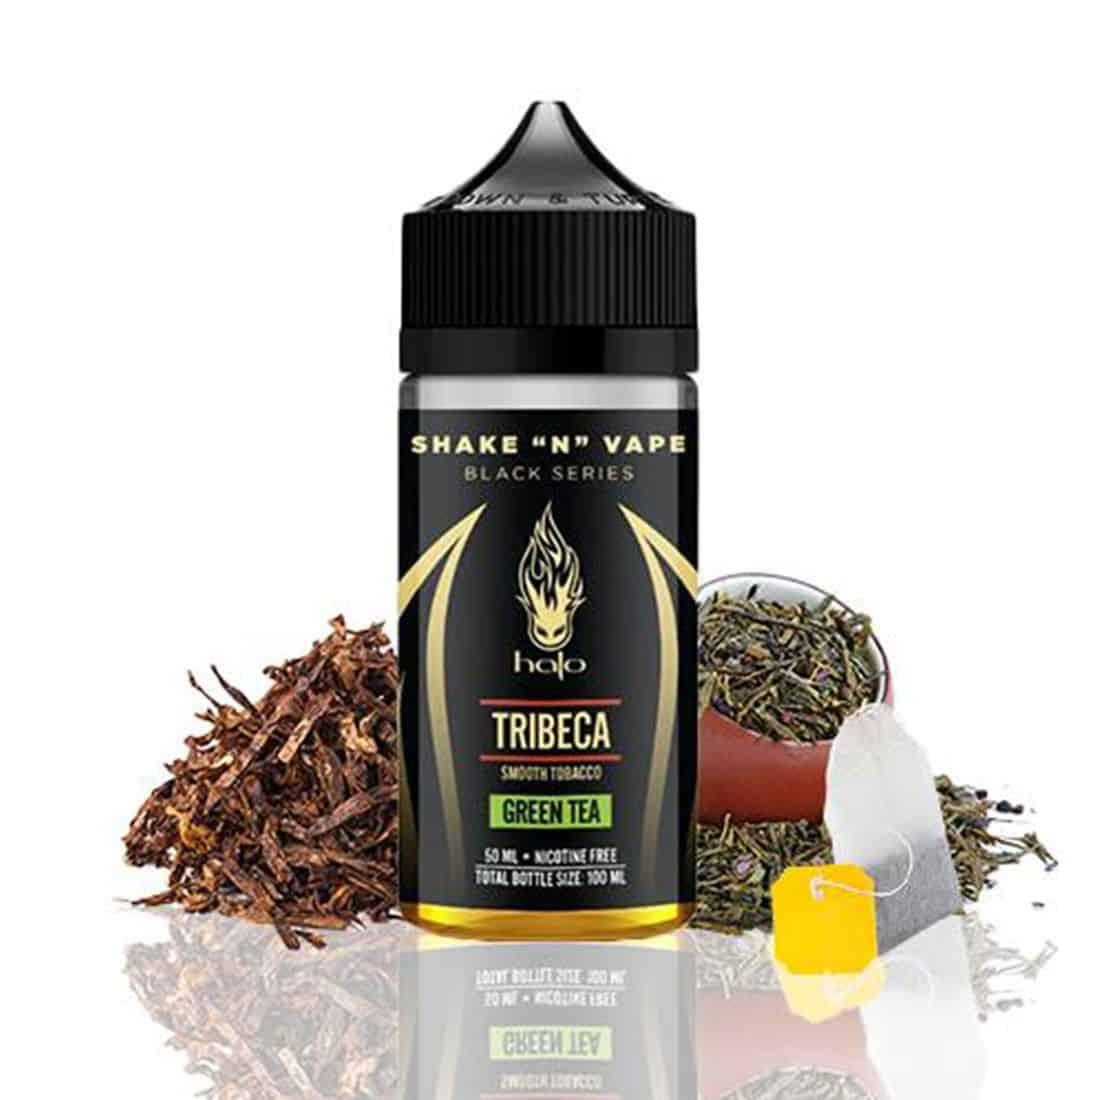 Tribeca Green Tea Halo Black Series Shortfill 50ml